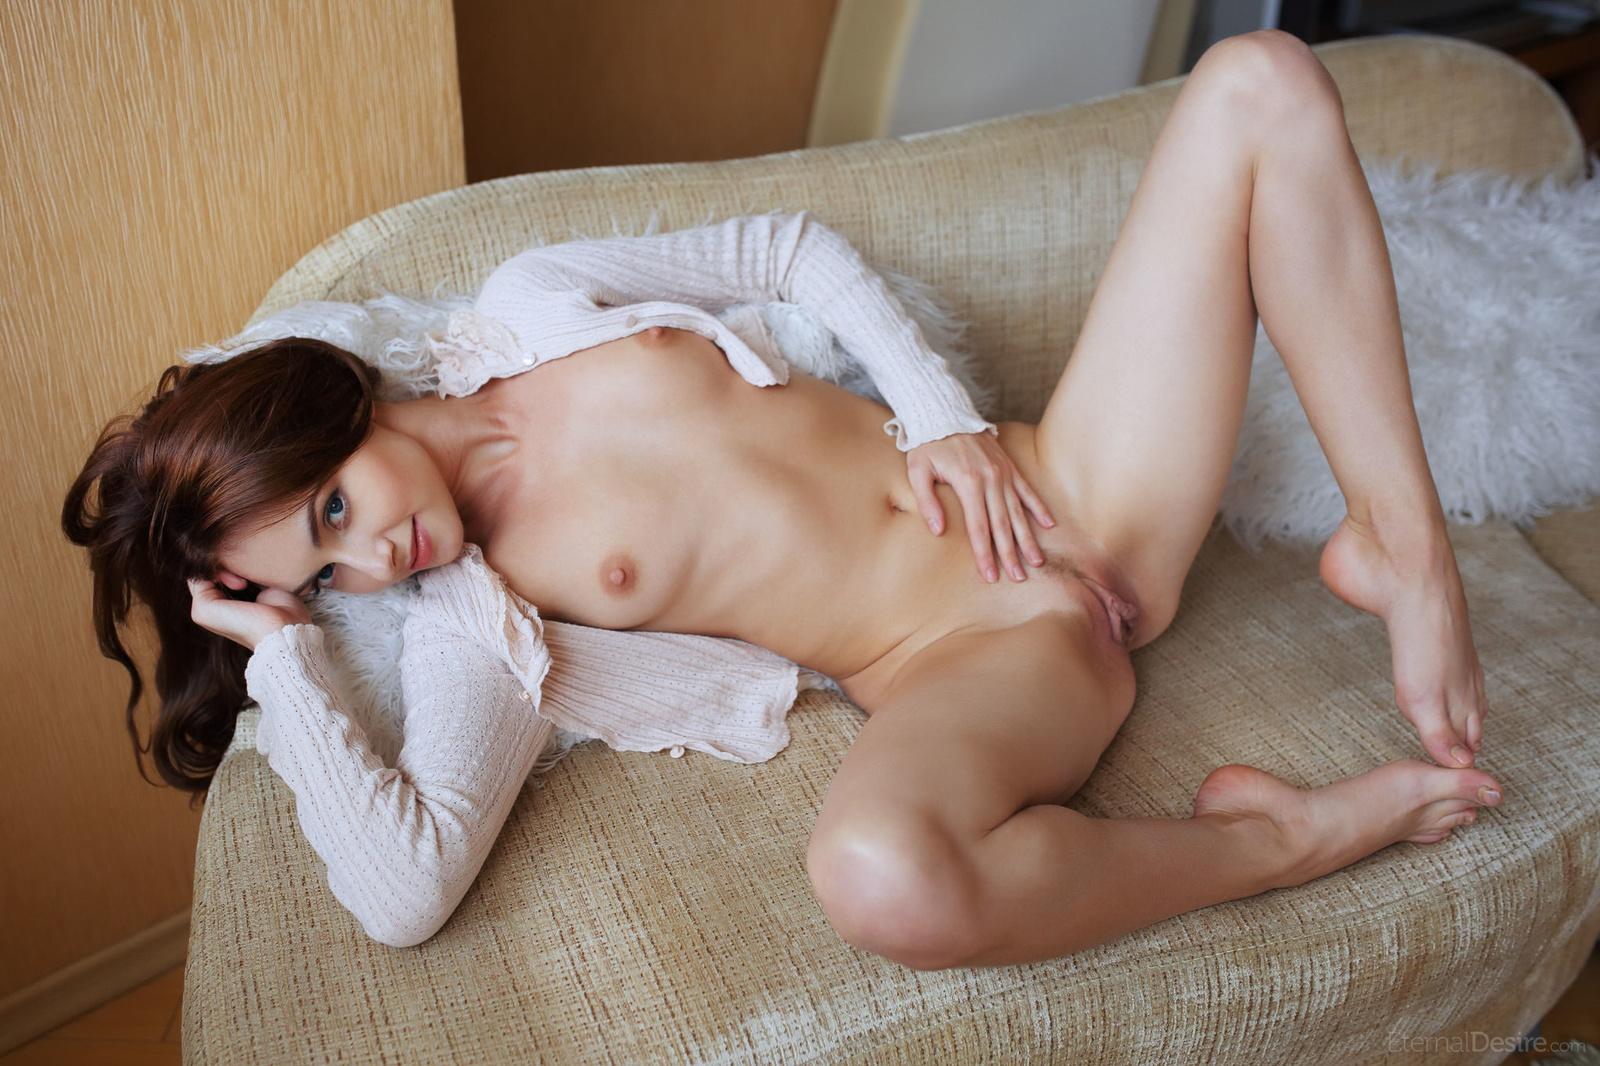 Zdjęcie porno - 0619 - Różowa szparka